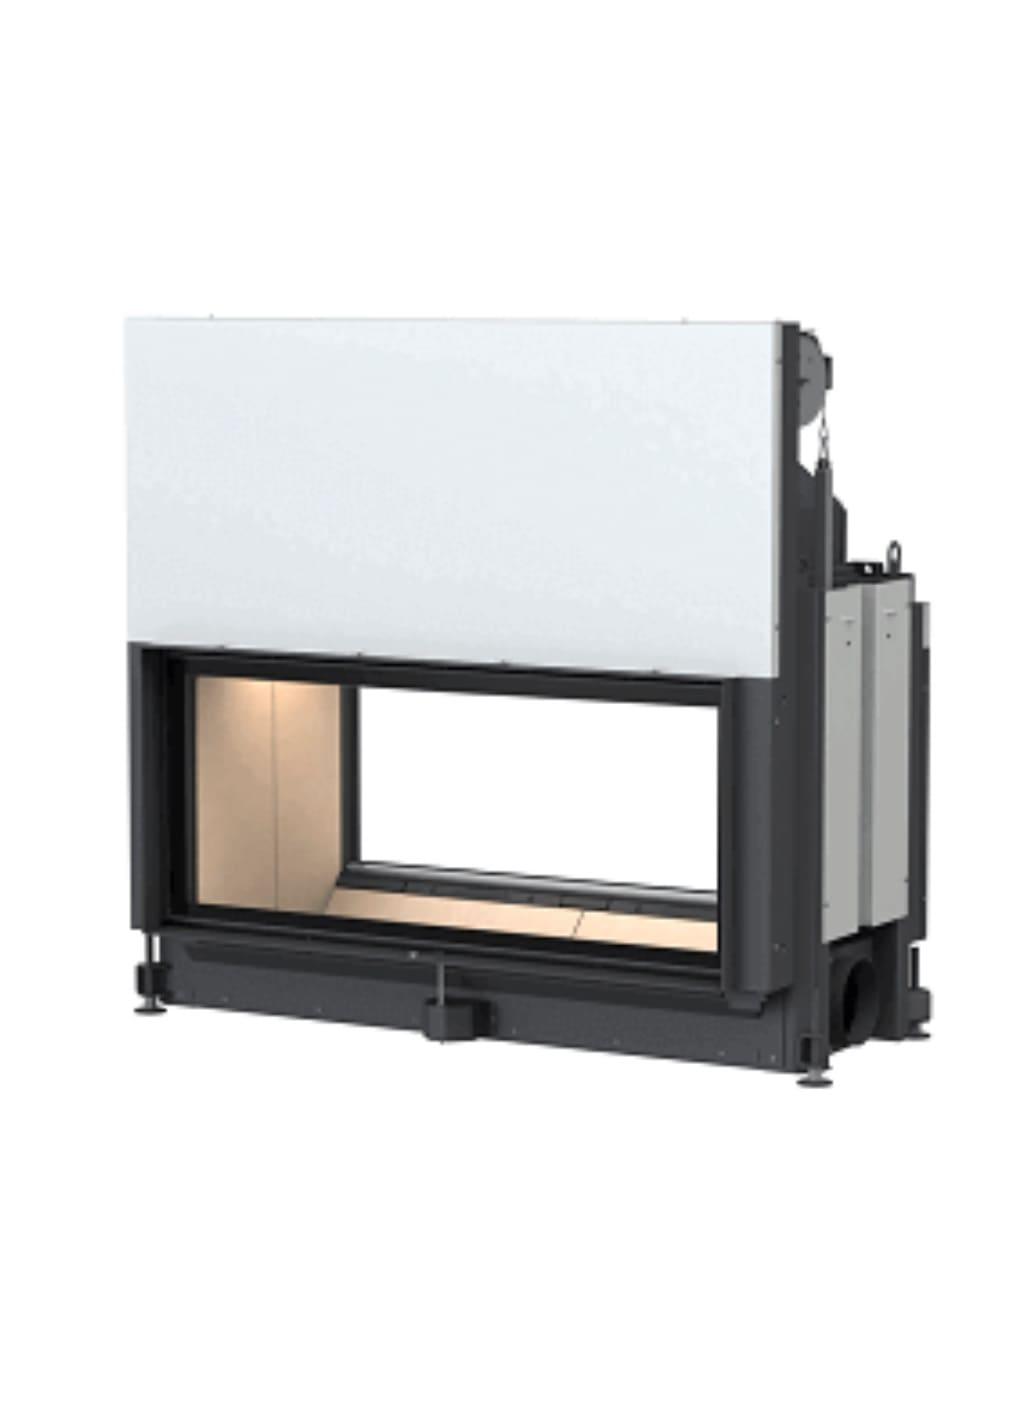 Architektur - Kamine  53 /121 ( 1 дверца с подъемом вверх)